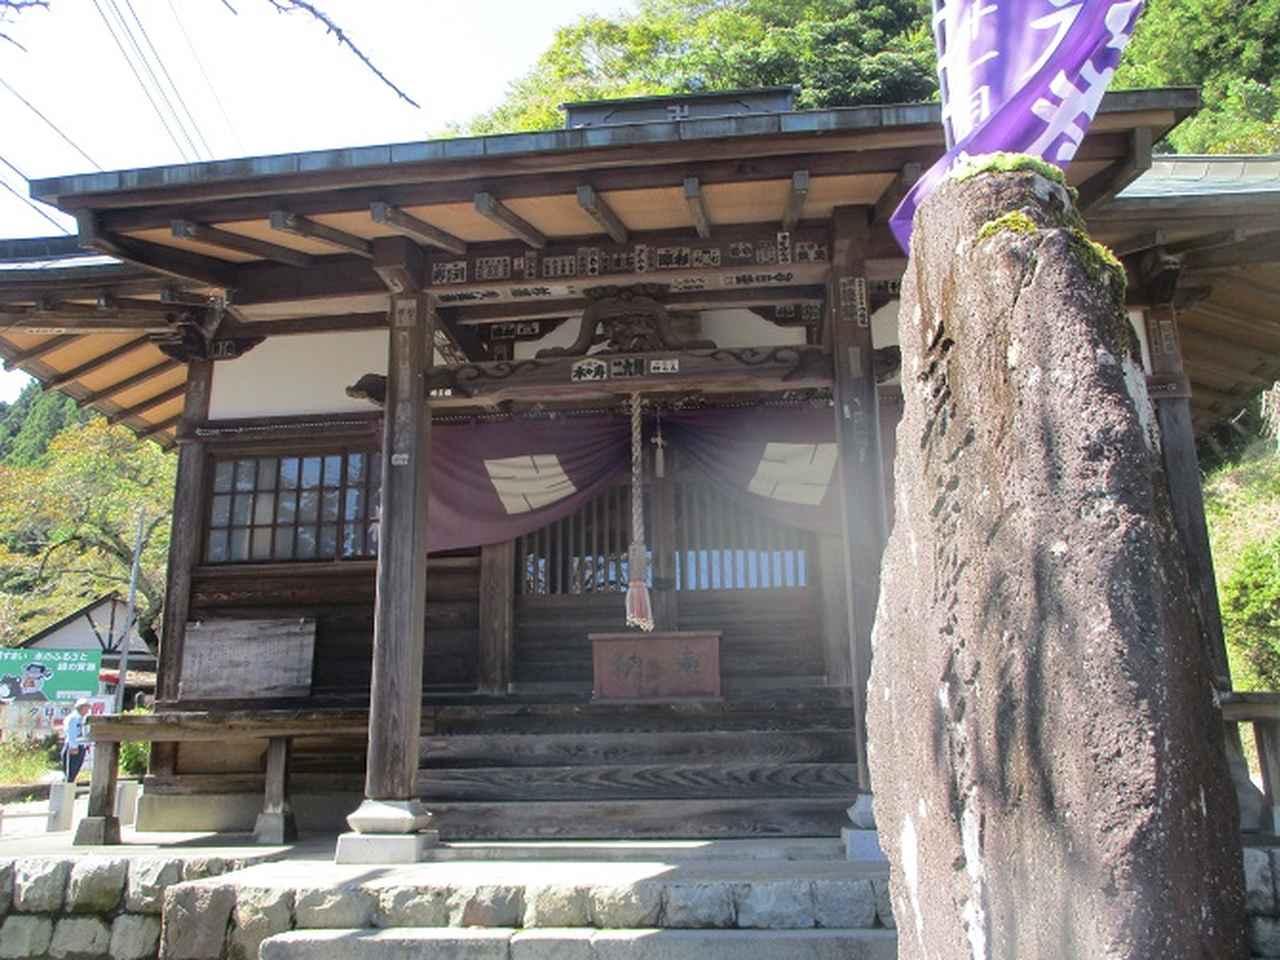 画像10: 10月の山旅会 「矢倉岳」 ツアーの下見に行ってきました!